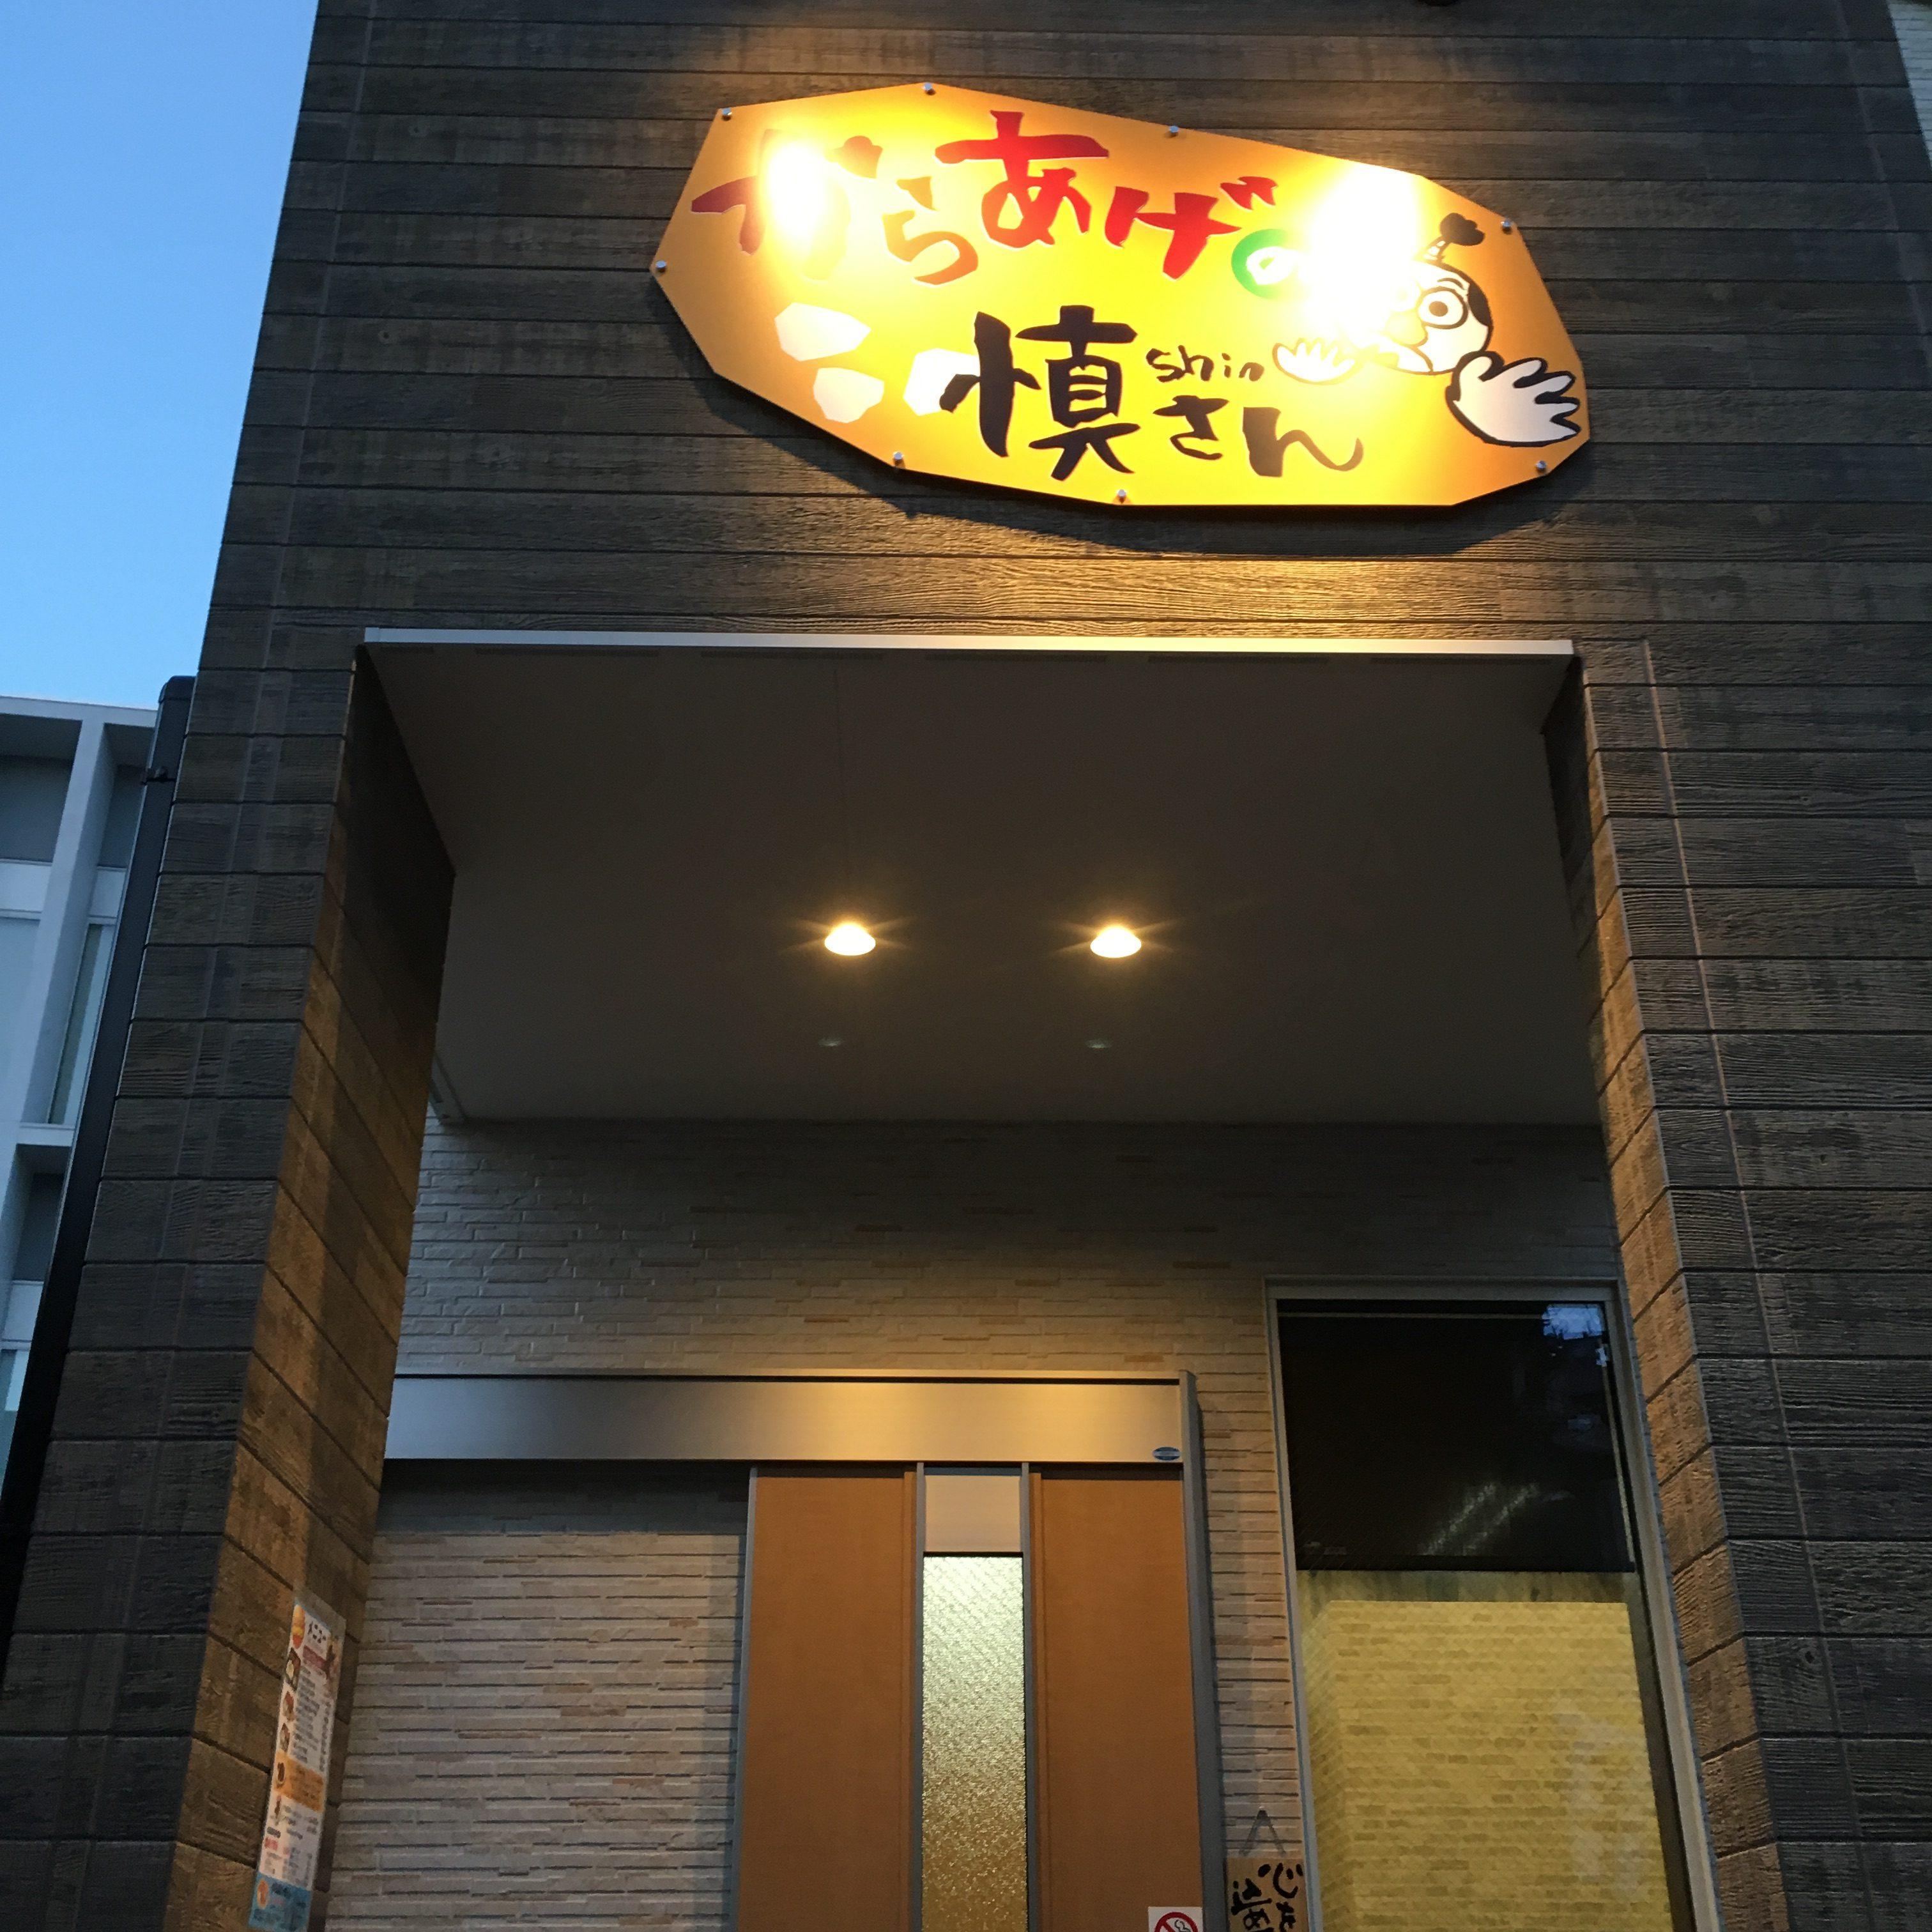 【からあげの慎さん】熊本二本木!唐揚げ100g180円は安い!